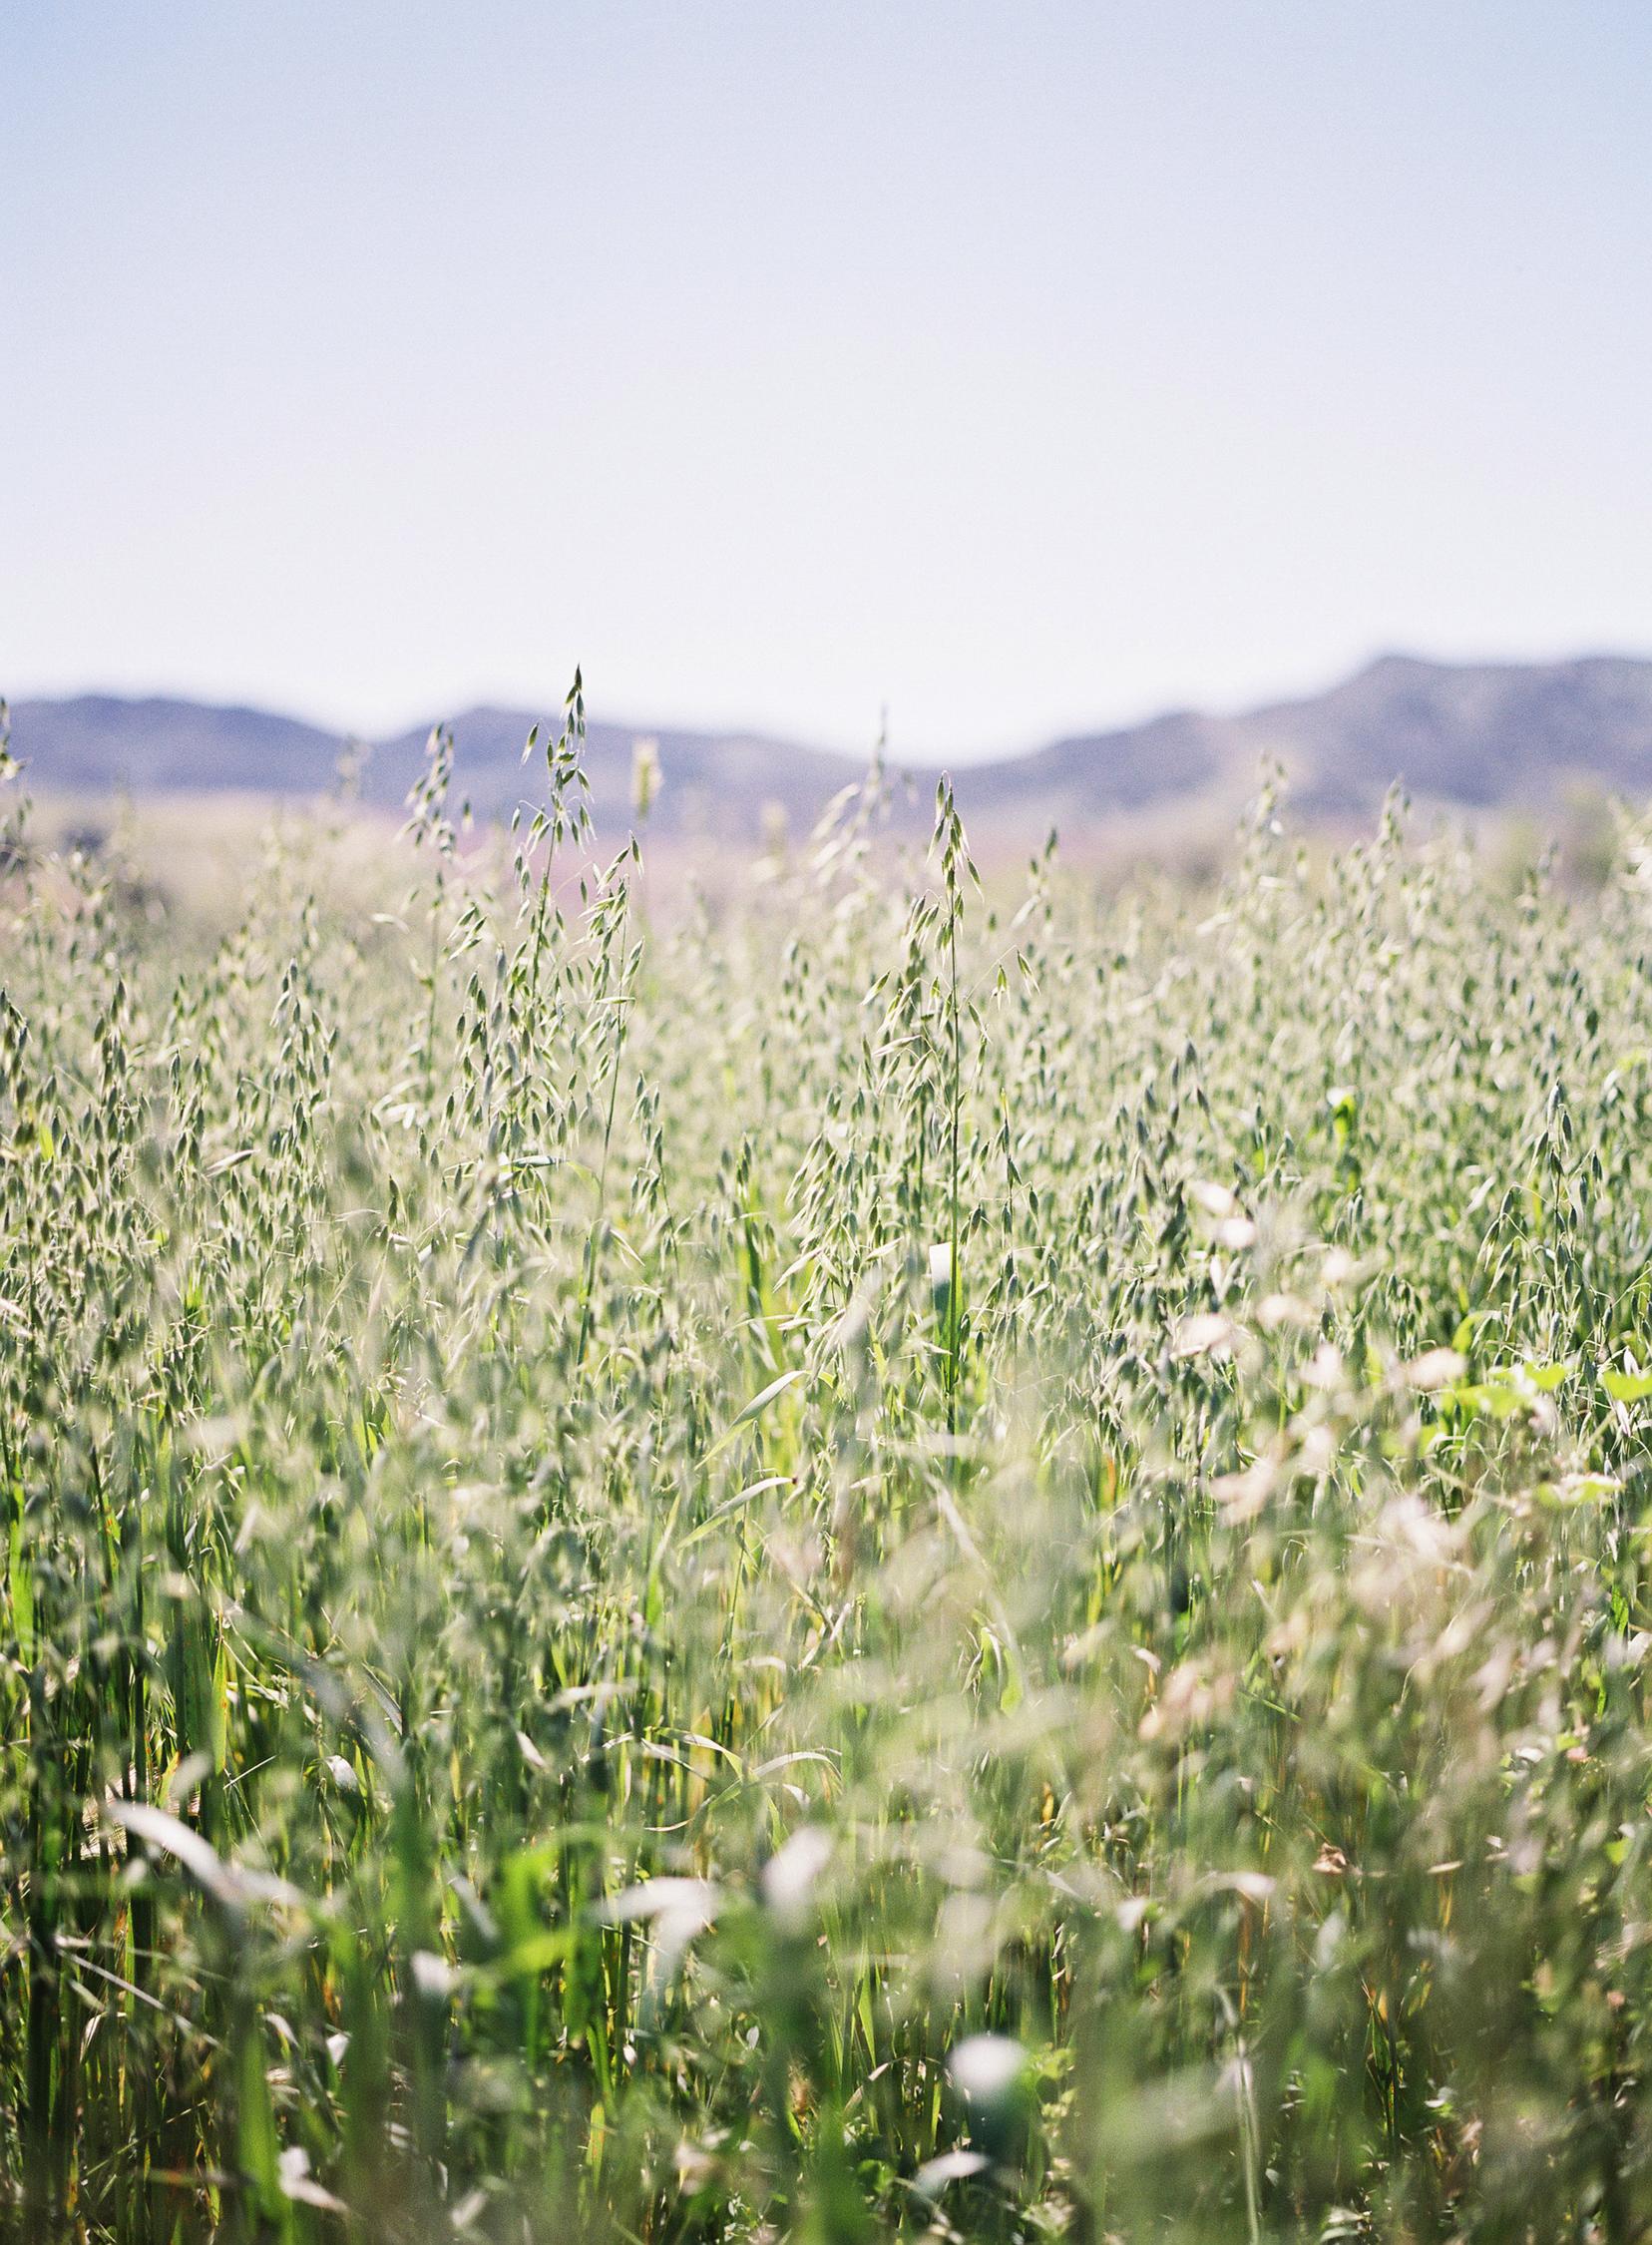 tall grass041616_2567_009975-R1-001.jpg